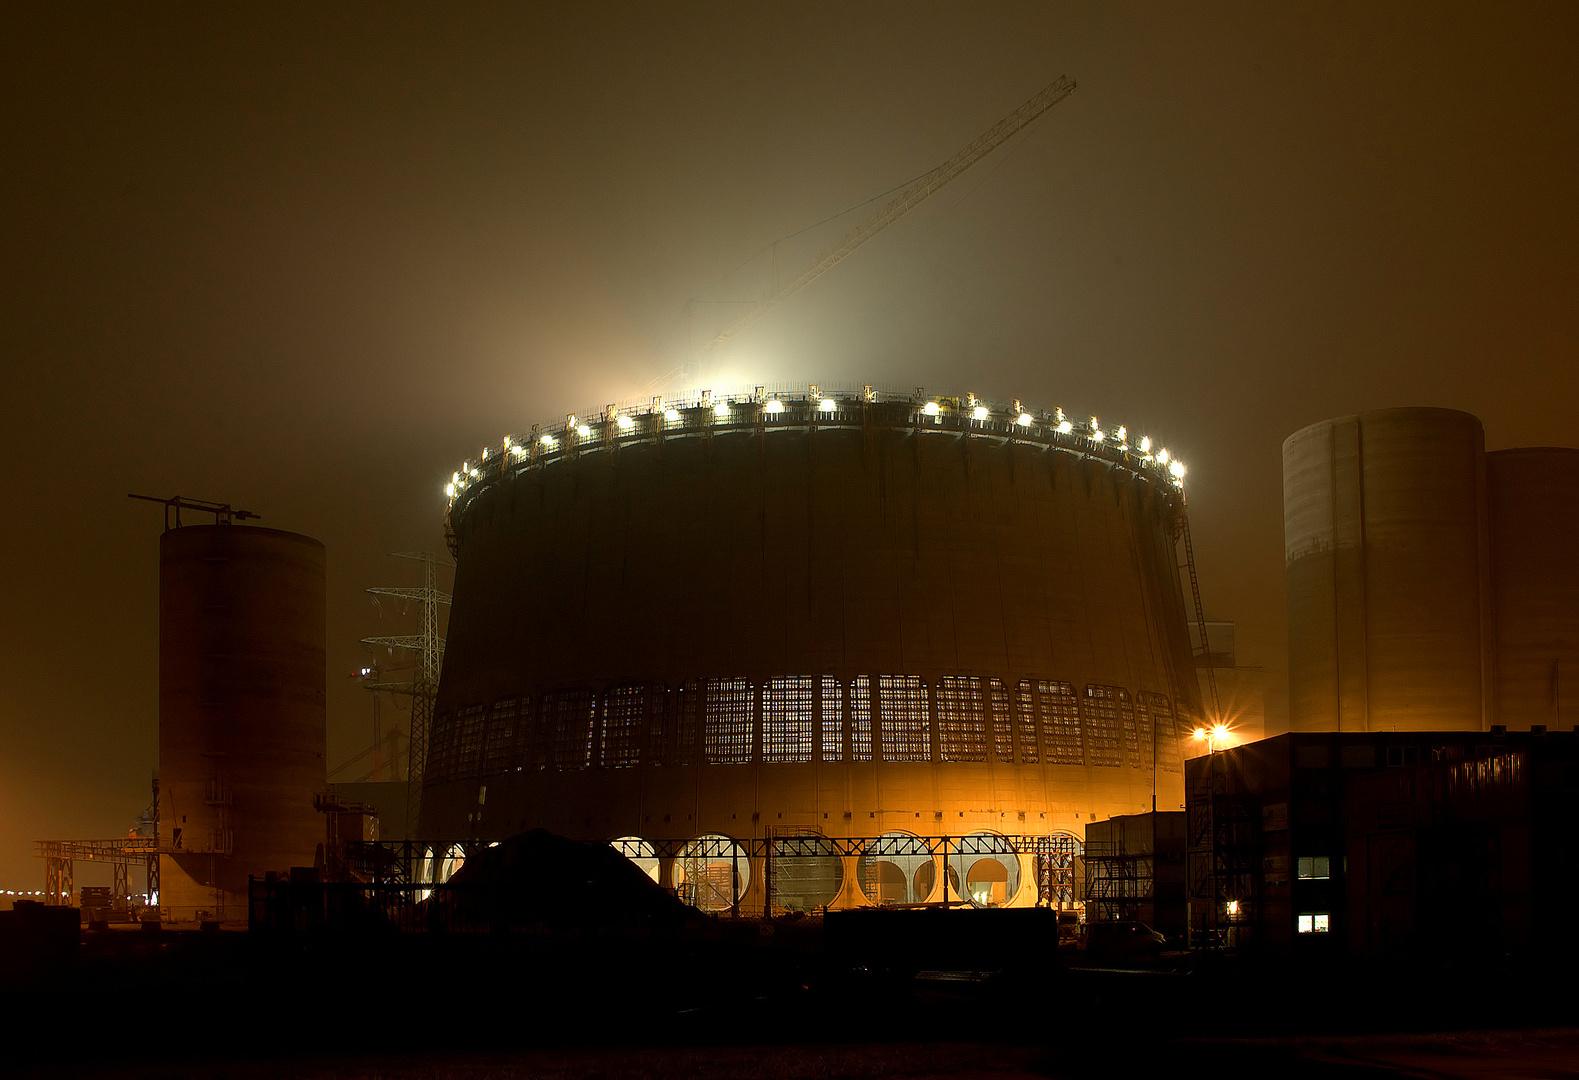 Hybridkühlturm Kraftwerk Moorburg am 21.11.2011 im Nebel